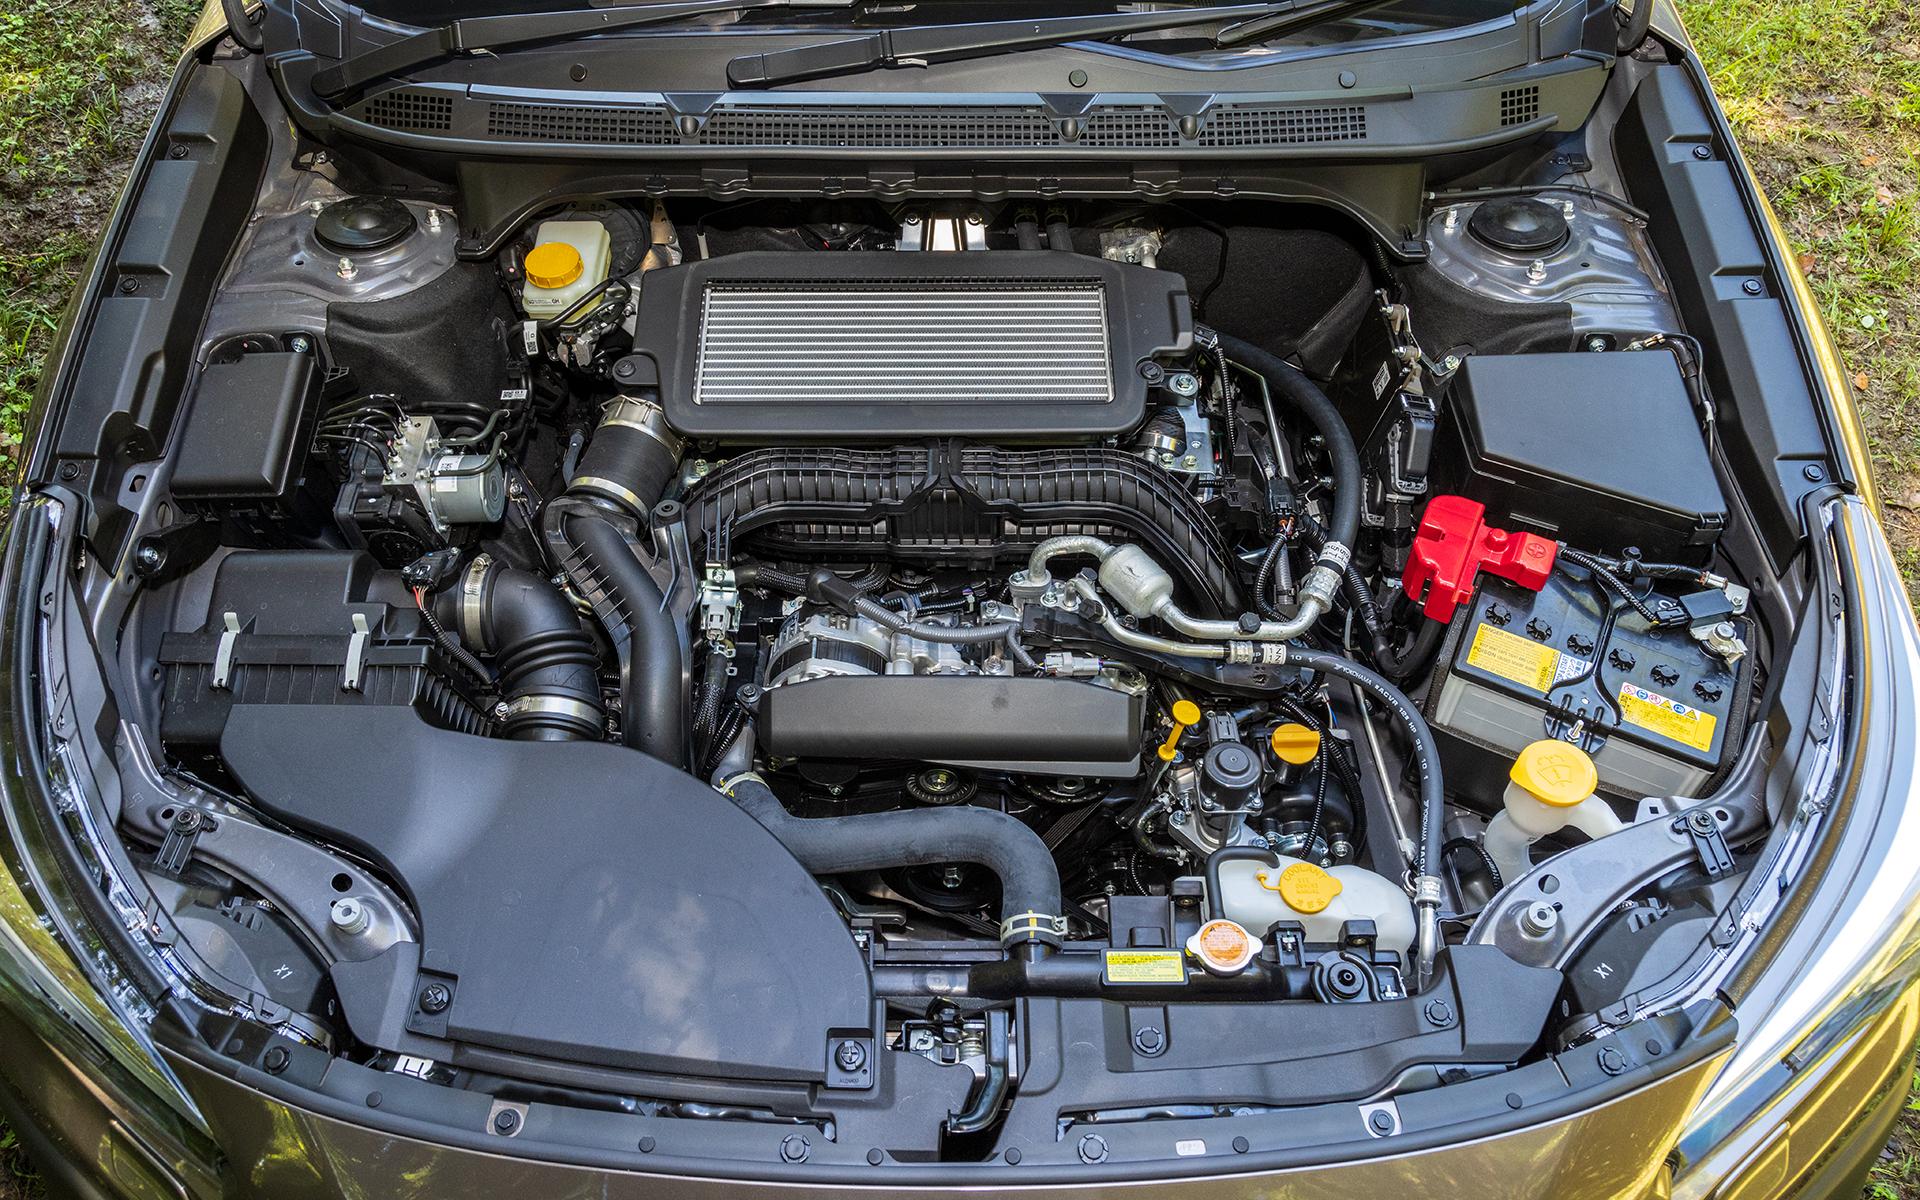 エンジンは先代モデルの2.5リッターから1.8リッターへと排気量ダウン。だが、ターボ付きとなったことでスペックは最高出力130kW(177PS)、最大トルク300Nm(30.6kgfm)へと向上している